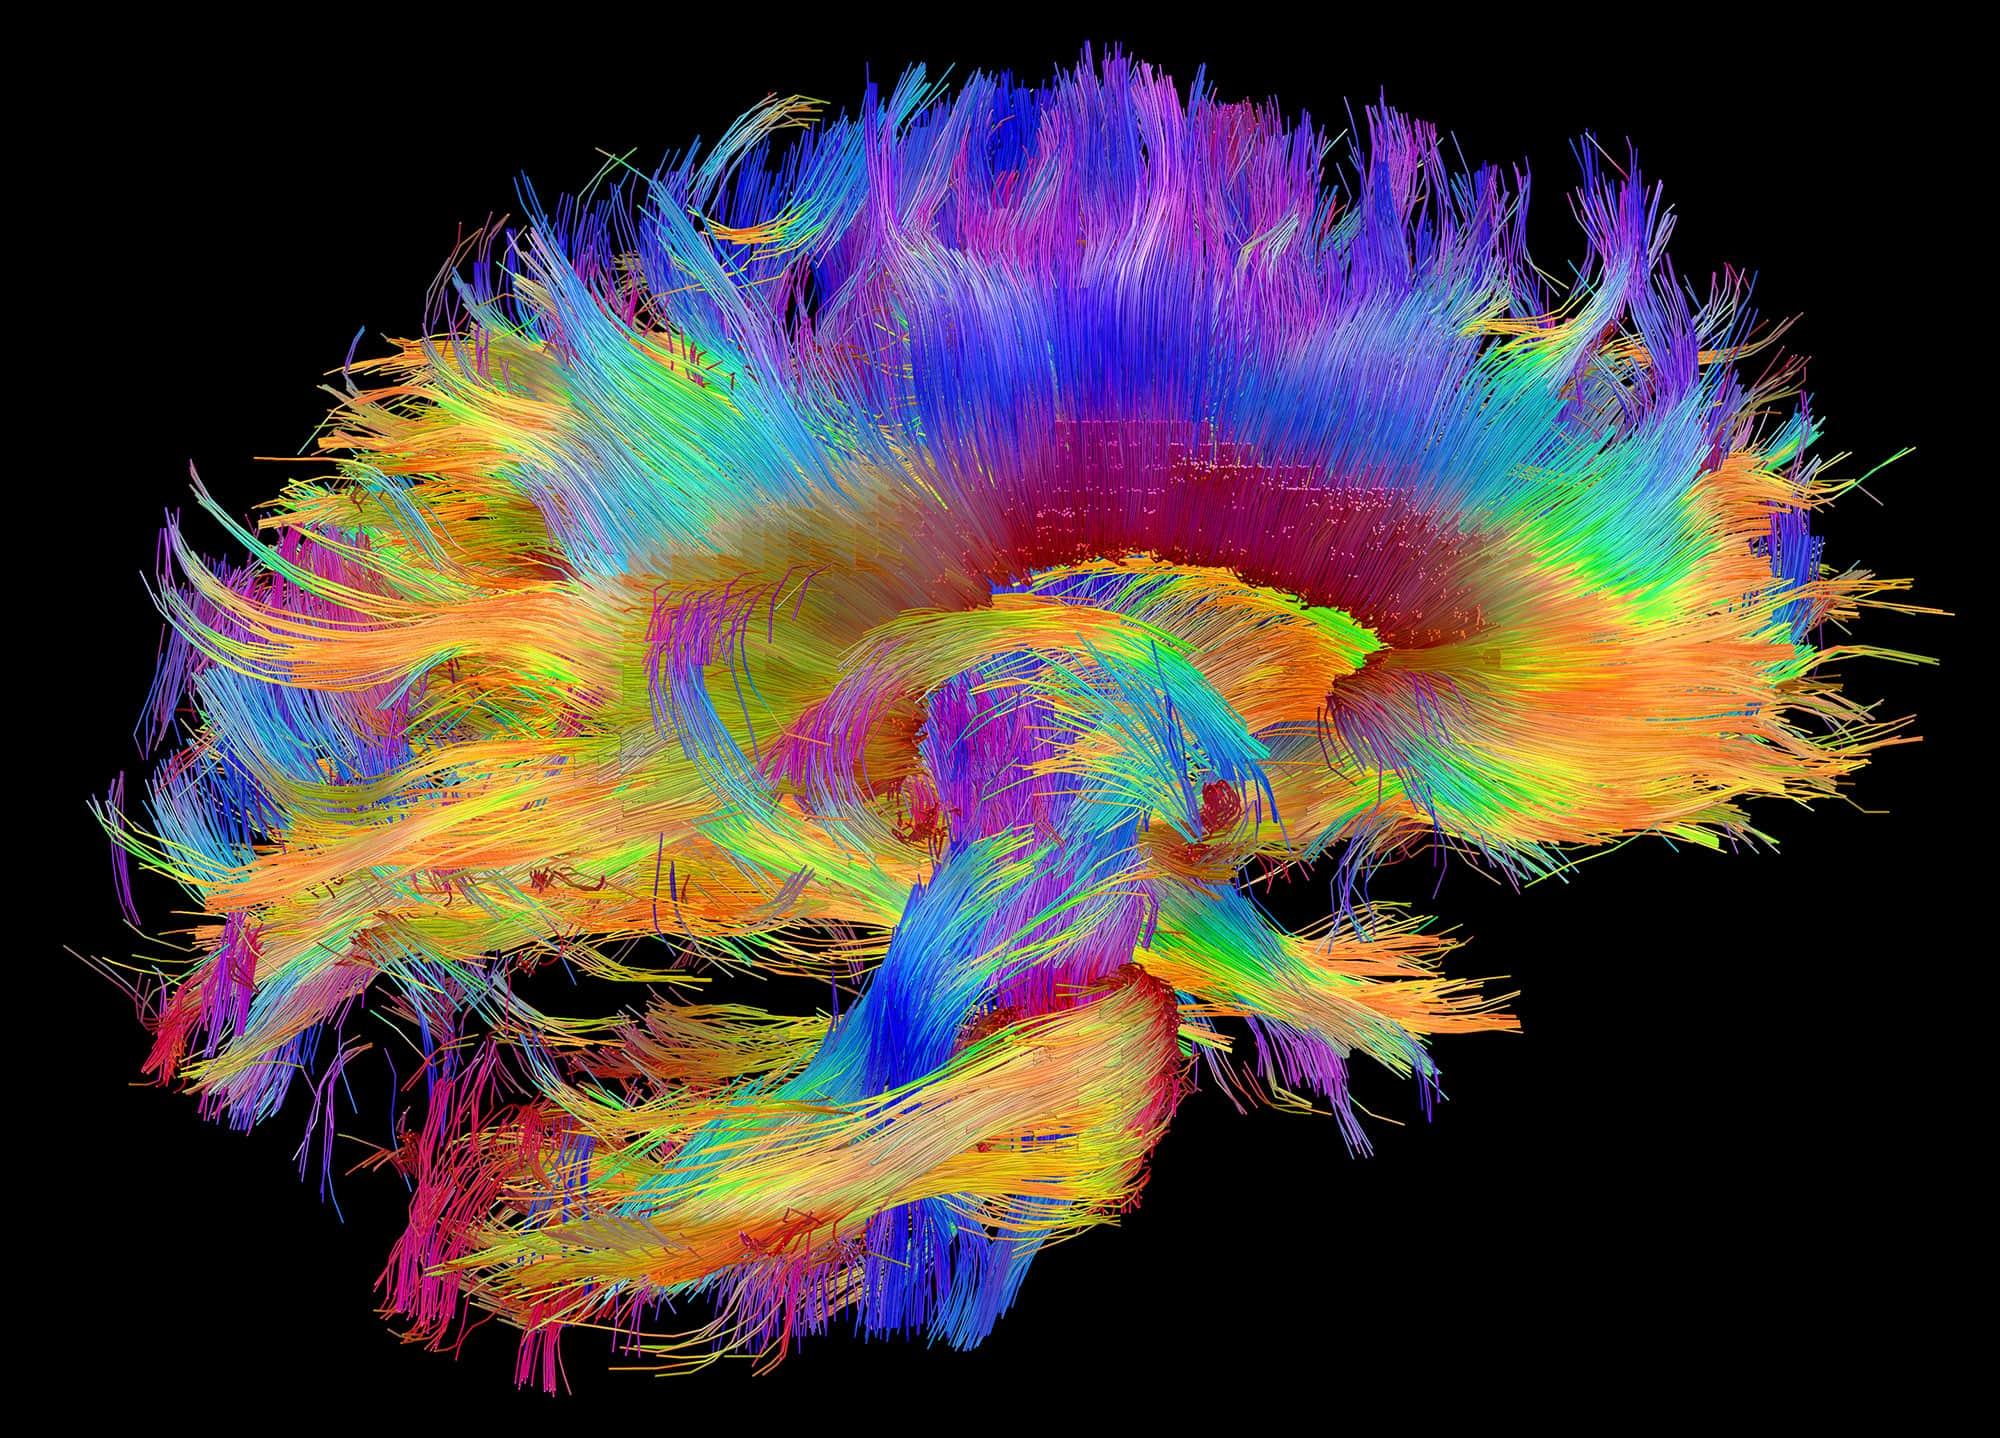 Удивительные способности мозга слепых людей: новые исследования